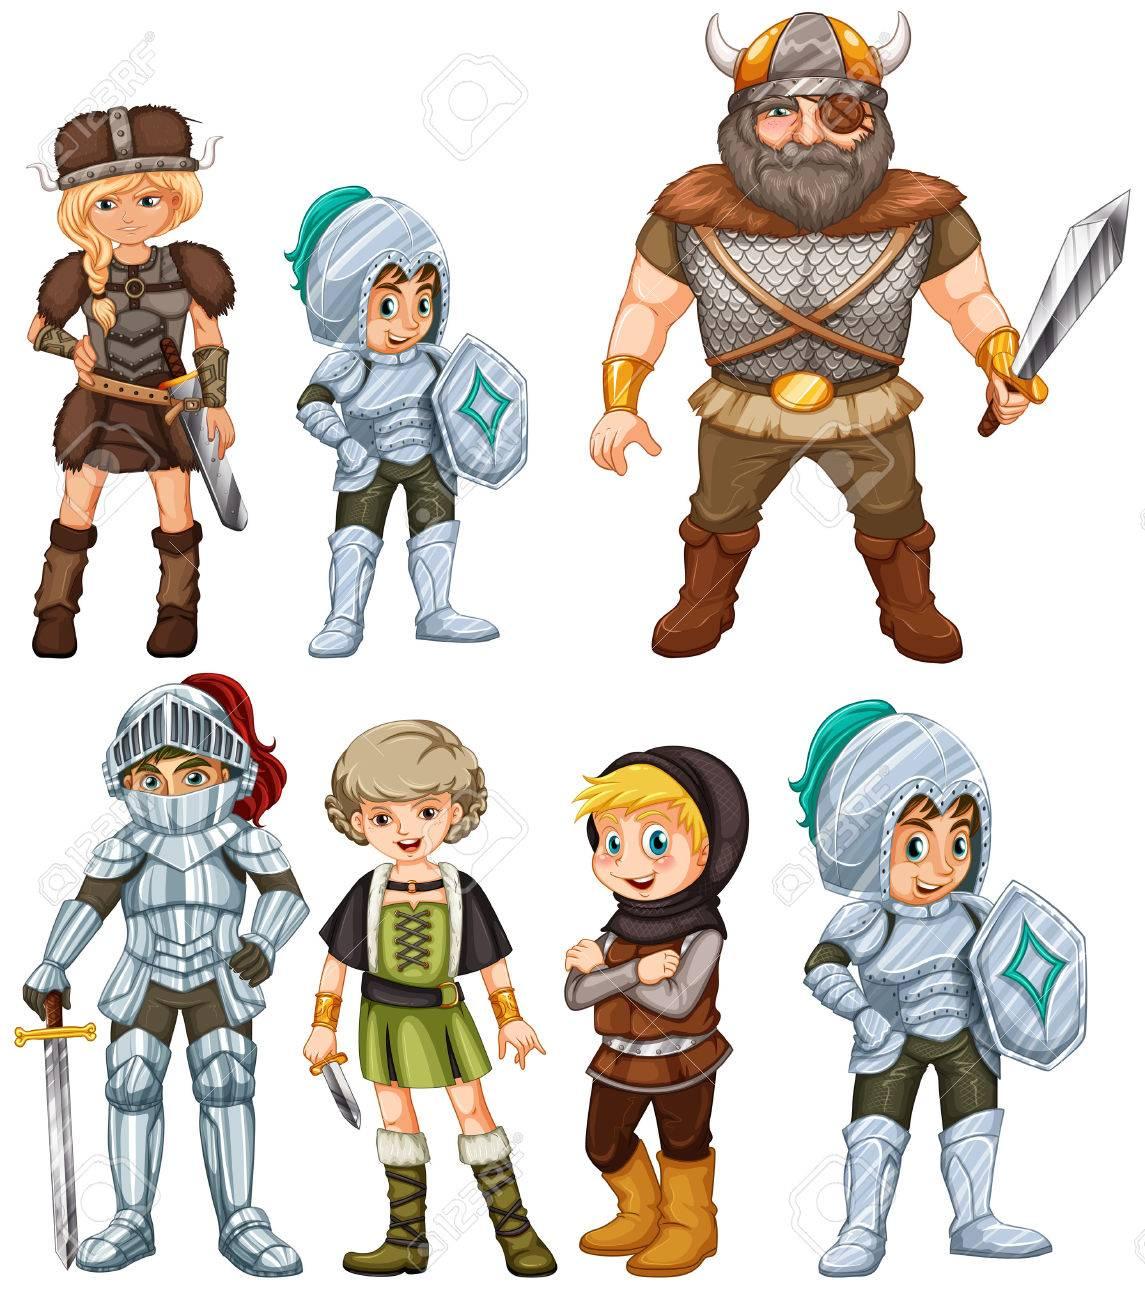 騎士と戦士のイラストのイラスト素材ベクタ Image 31923155